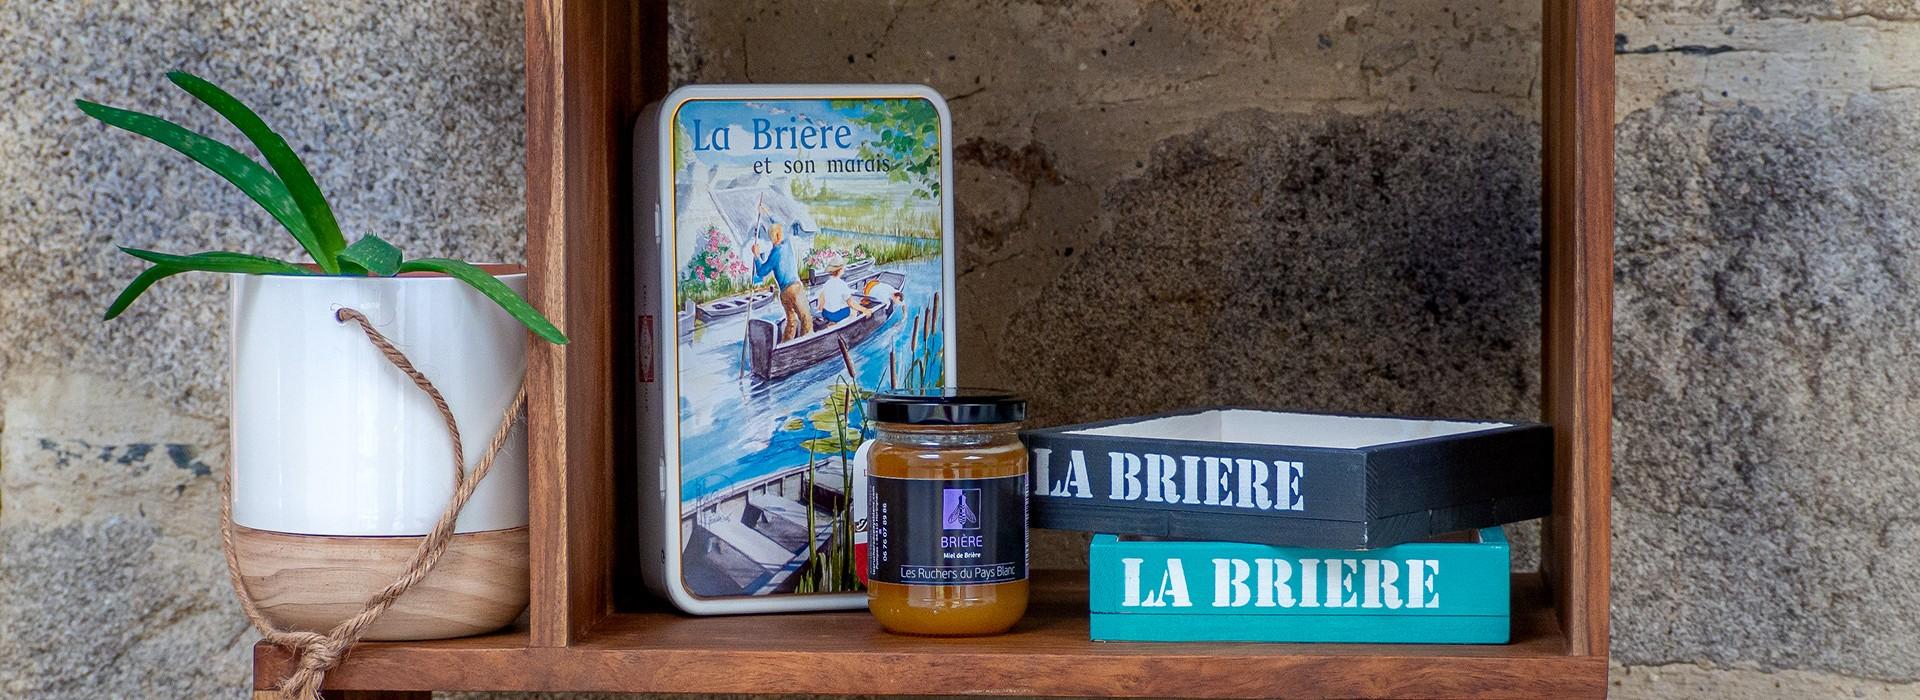 La Boutique de l'Office de Tourisme #SouvenirdeBrière